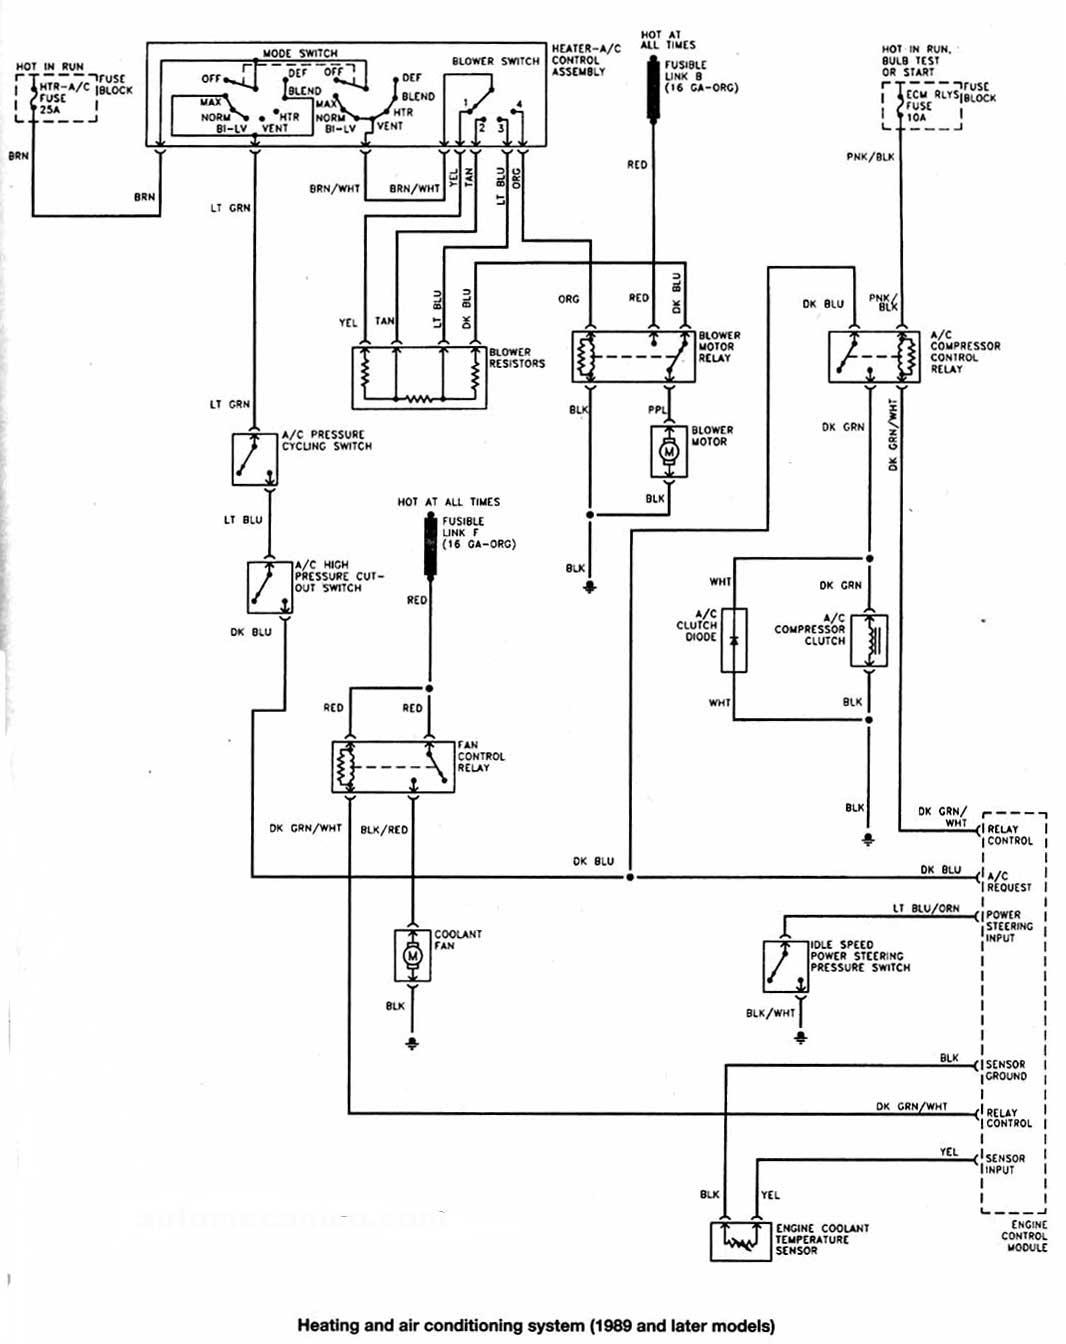 2003 Chrysler Voyager Wiring Diagram